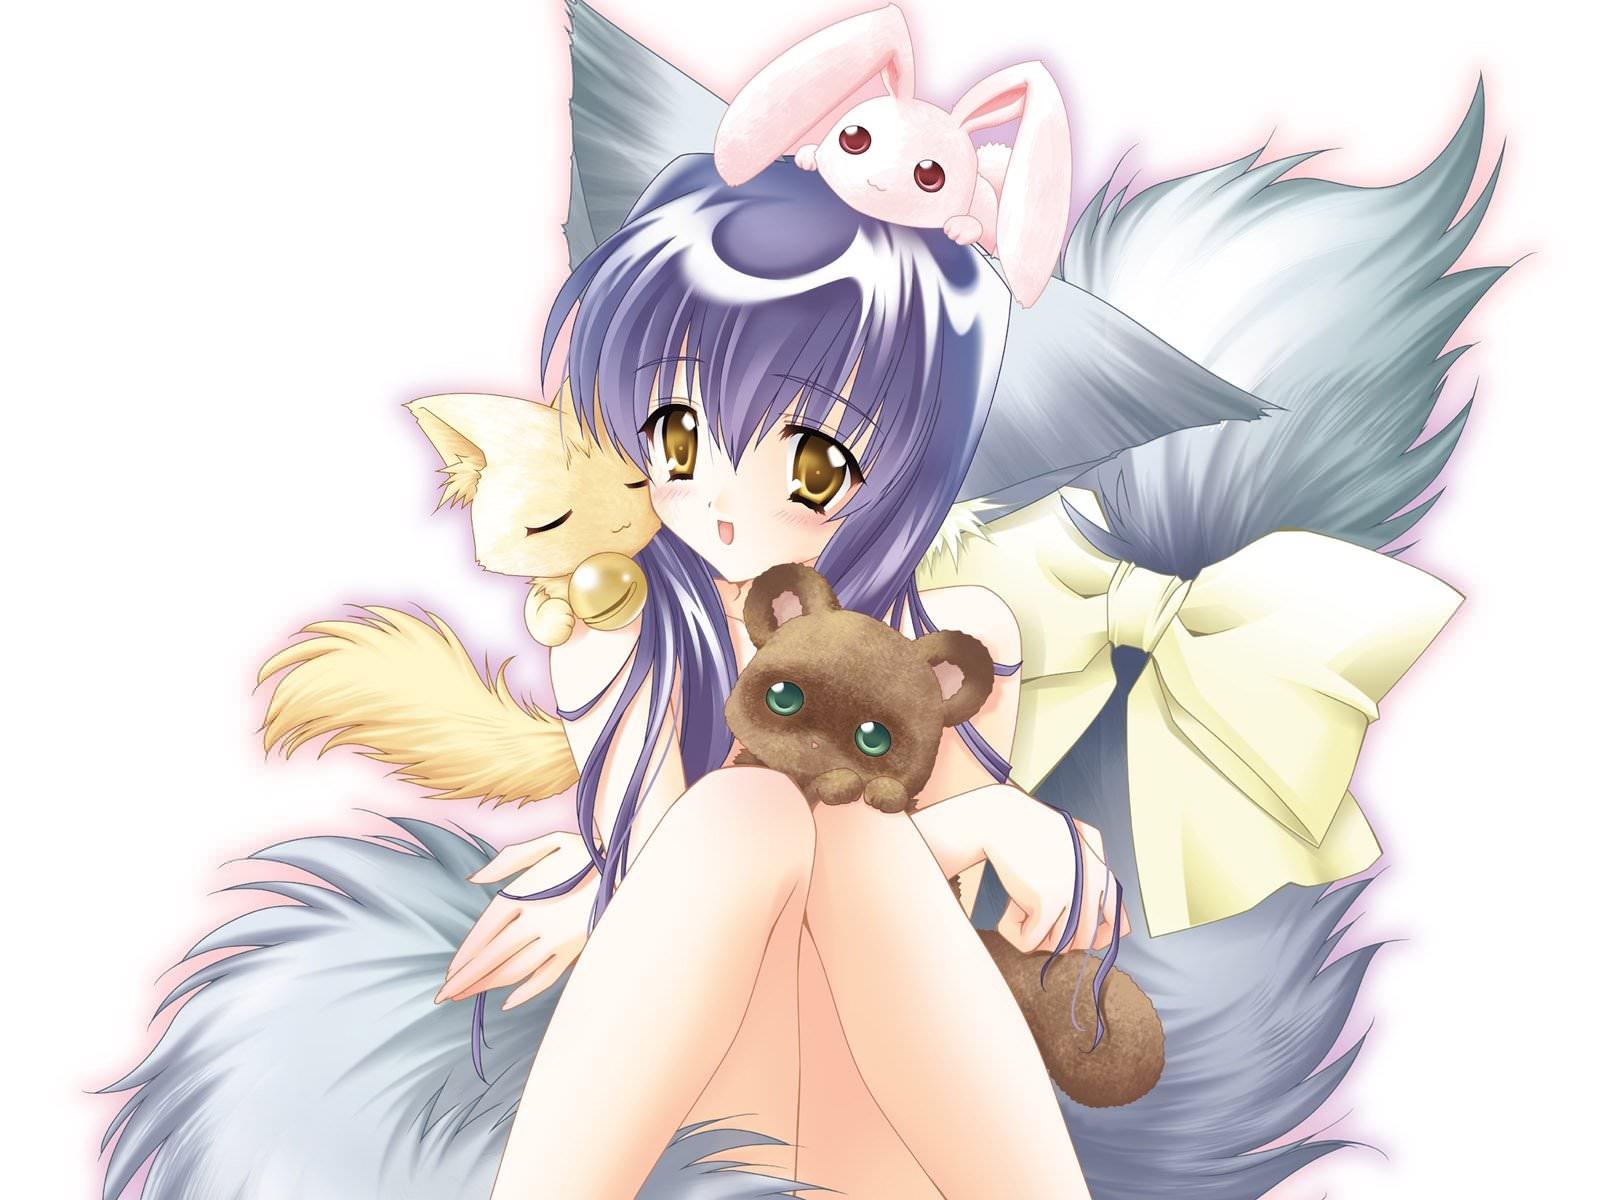 Фото Девушка с котятами, пушистый хвостик с бантиком, ушки, милашка, скачать картинку бесплатно